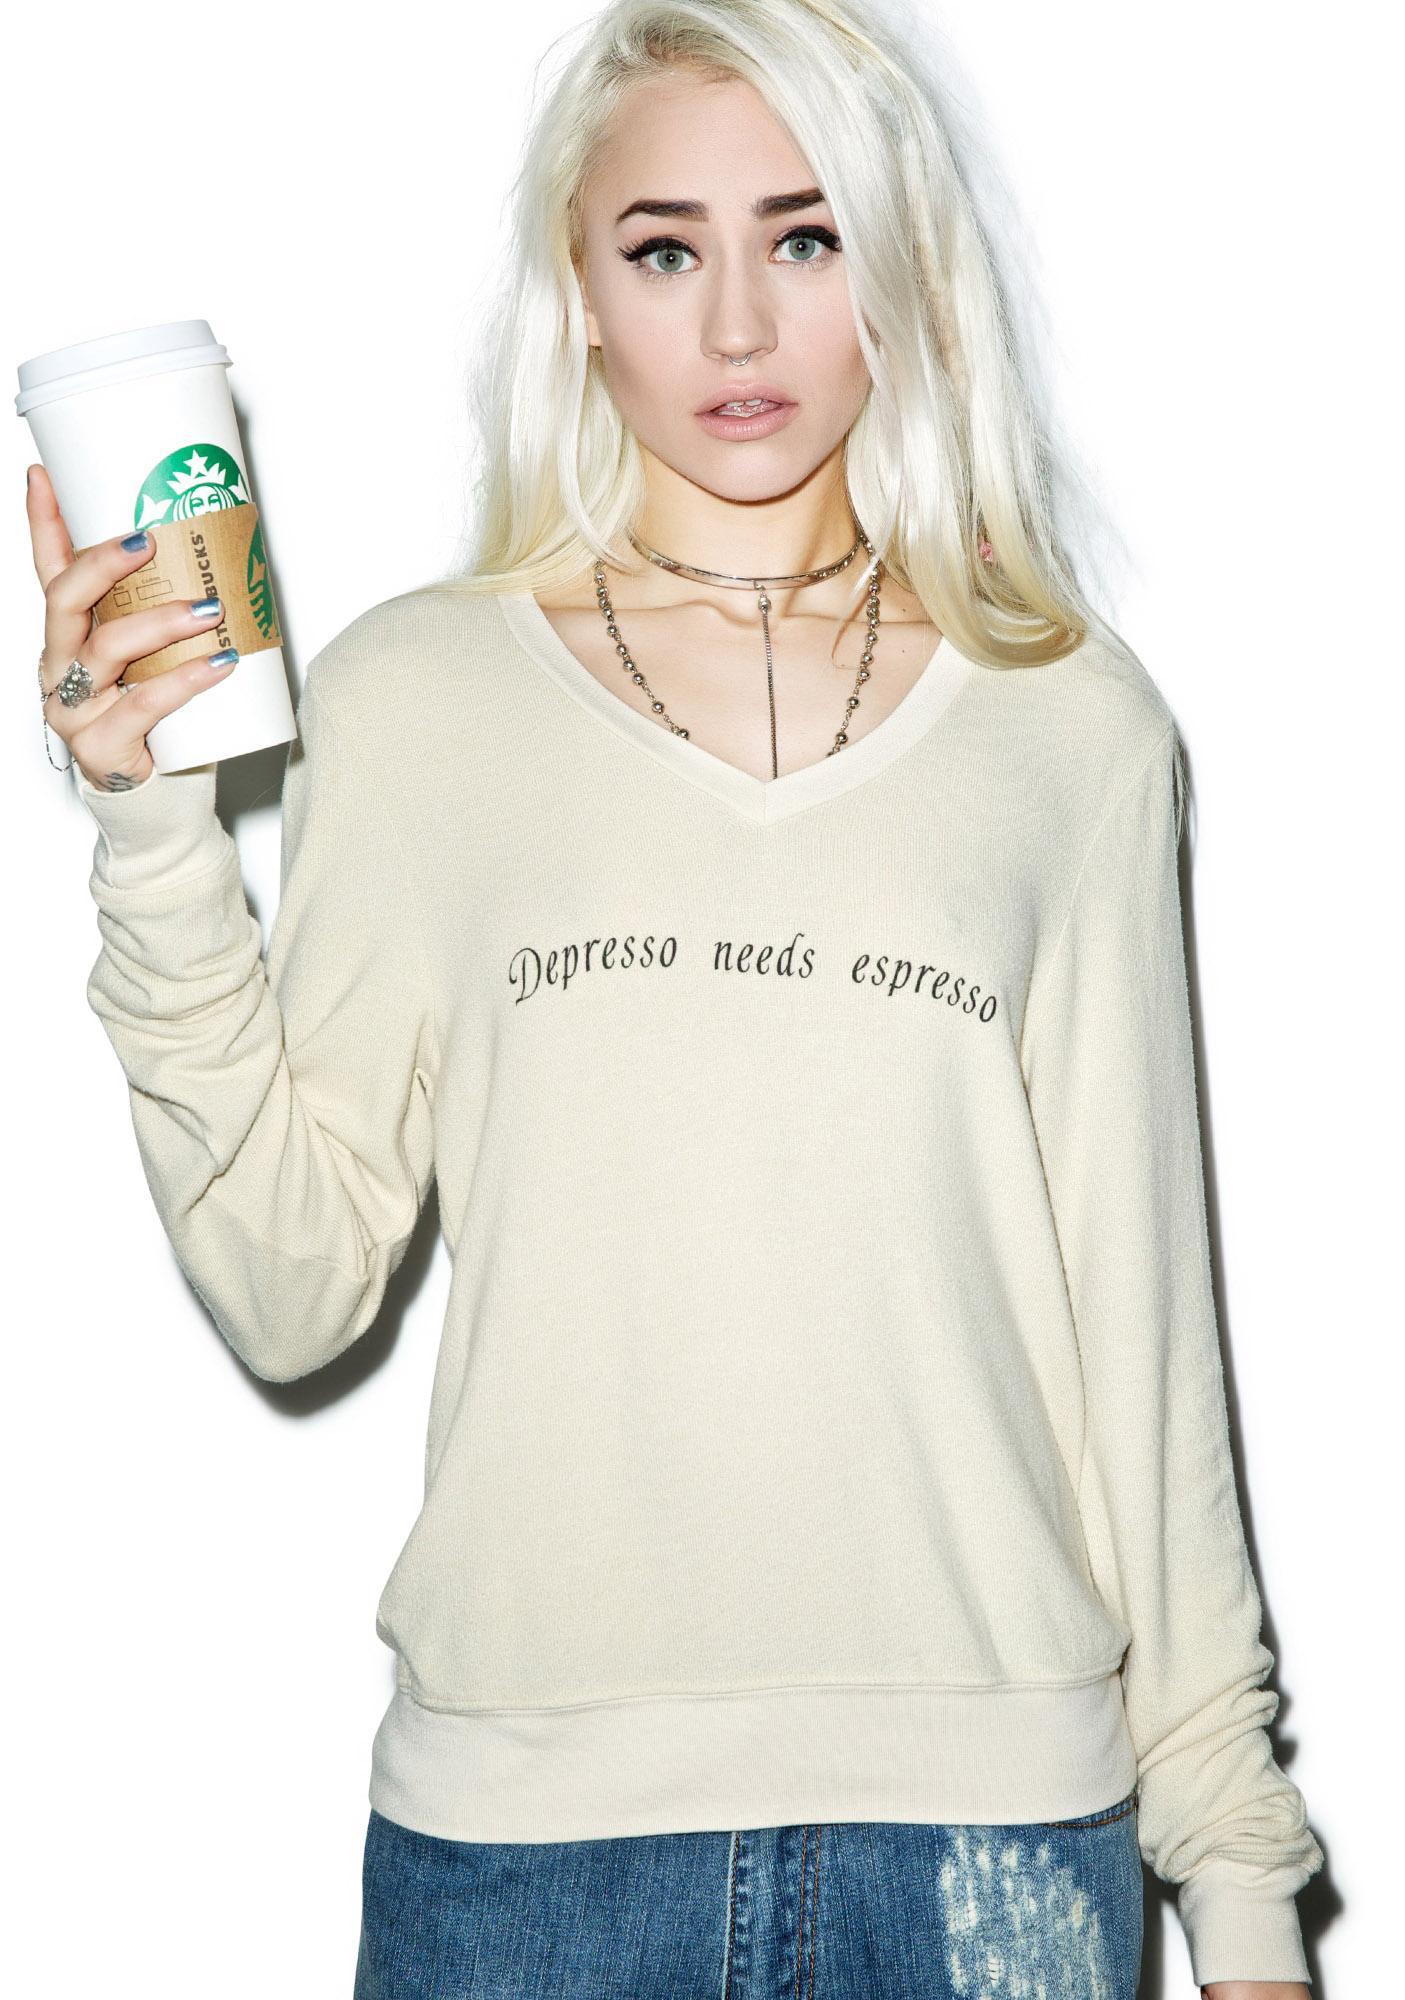 Wildfox Couture Depresso Needs Espresso V-Neck Baggy Beach Jumper